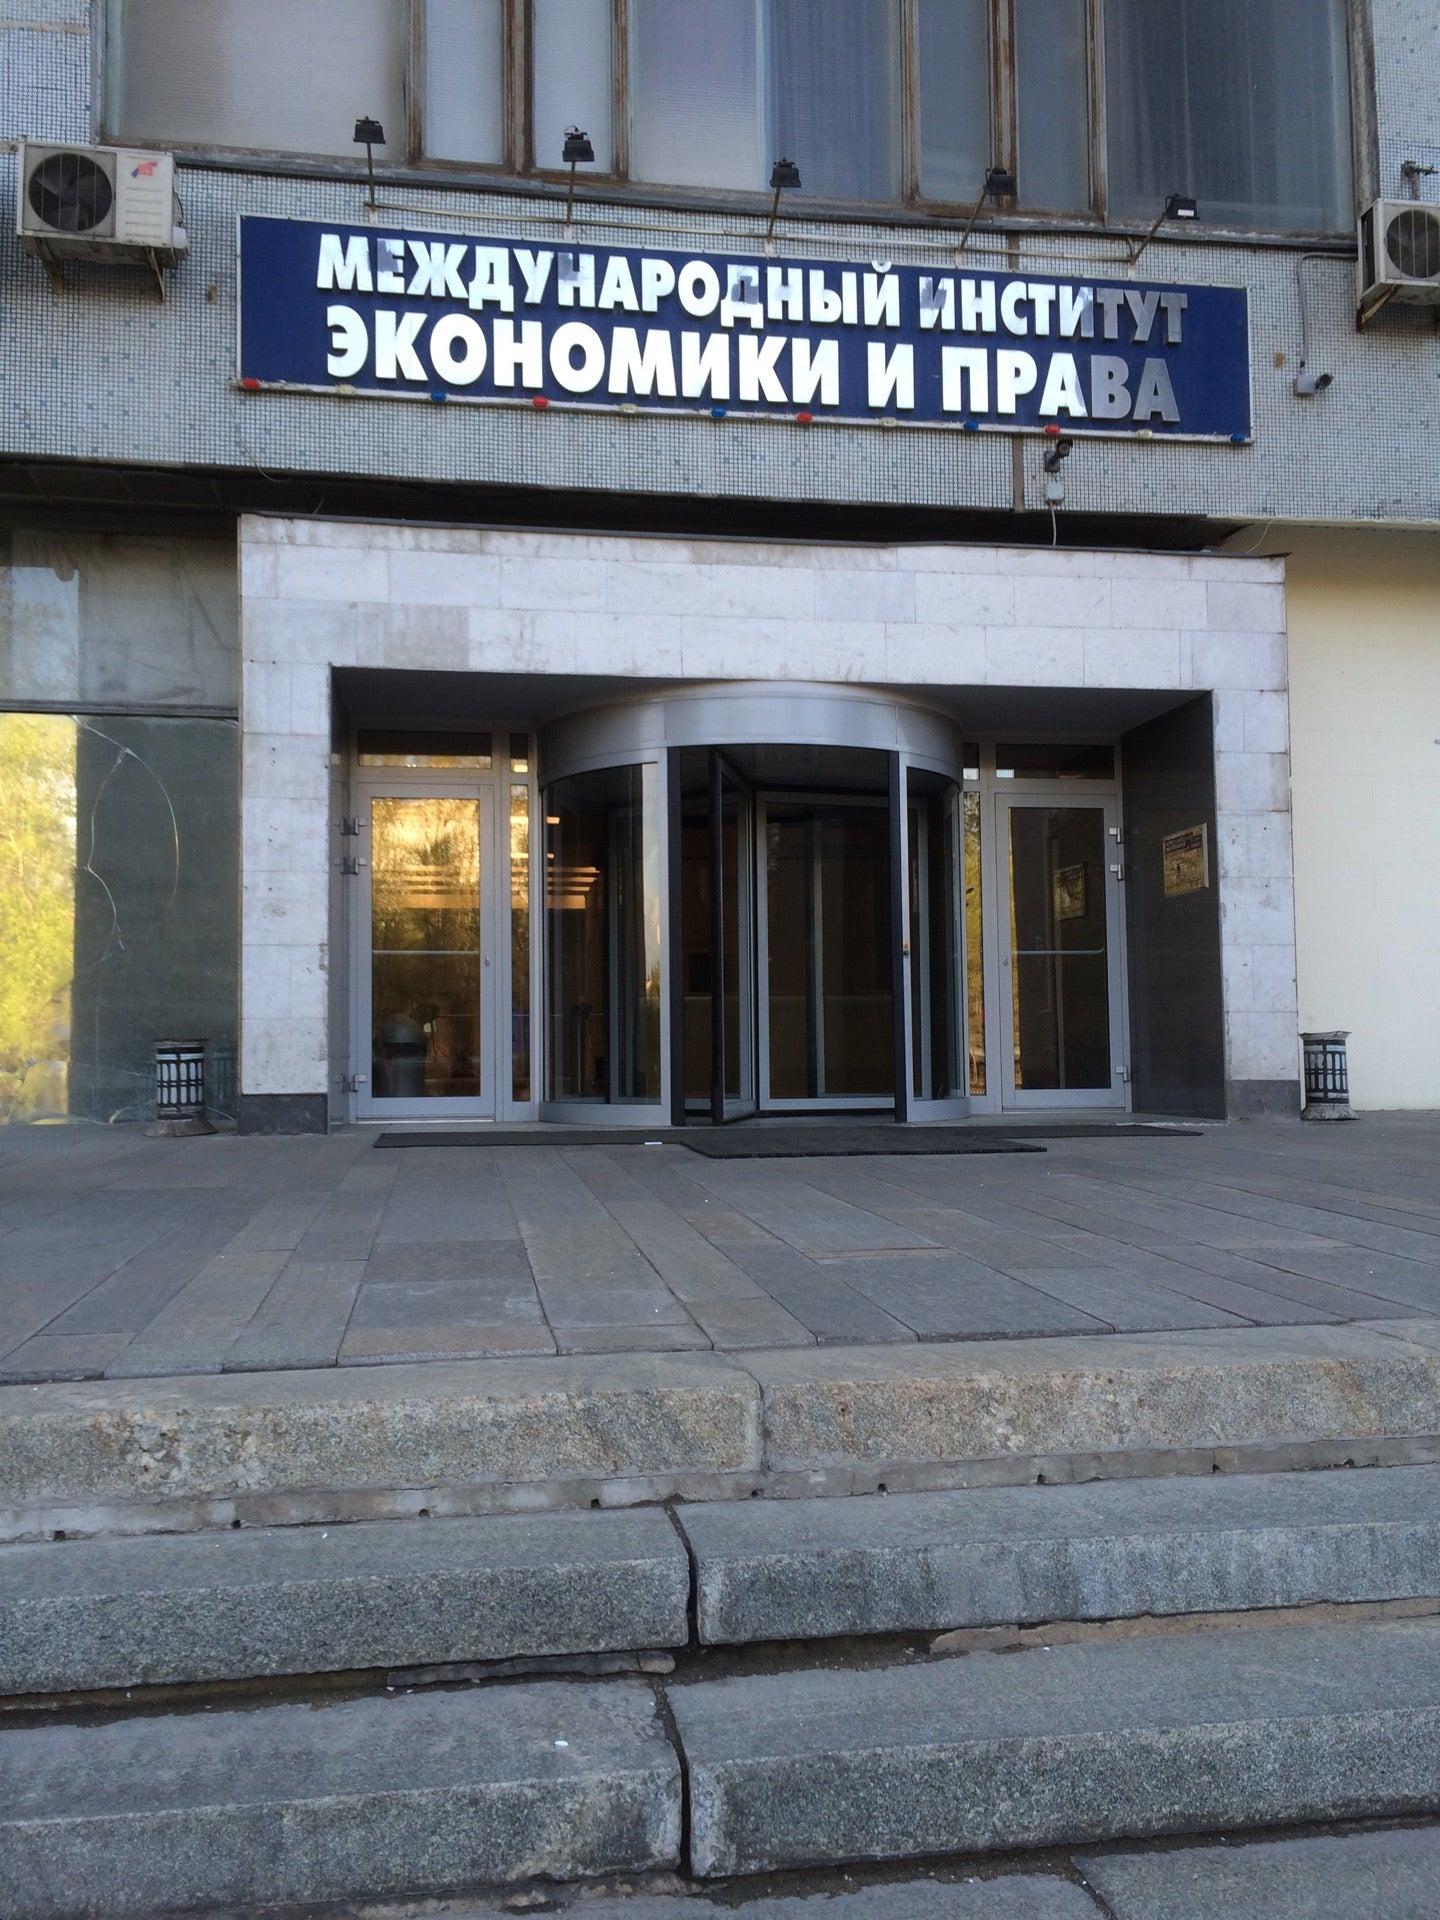 Комерческие вузы дизайна в москве